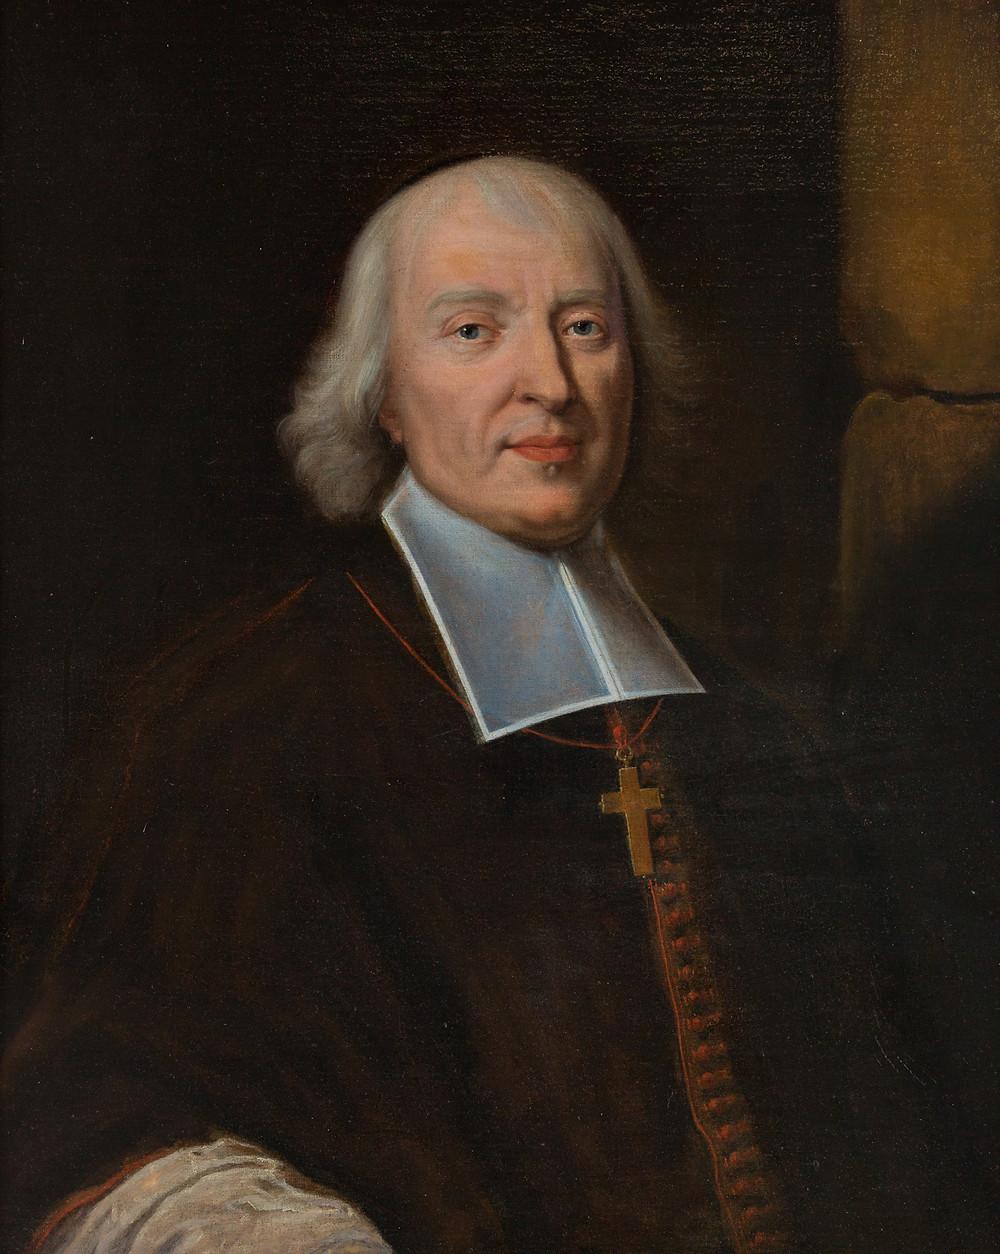 Anonyme d'après Hyacinthe Rigaud, Portrait de Jacques Bénigne Bossuet, évêque de Meaux, après 1698, collection particulière